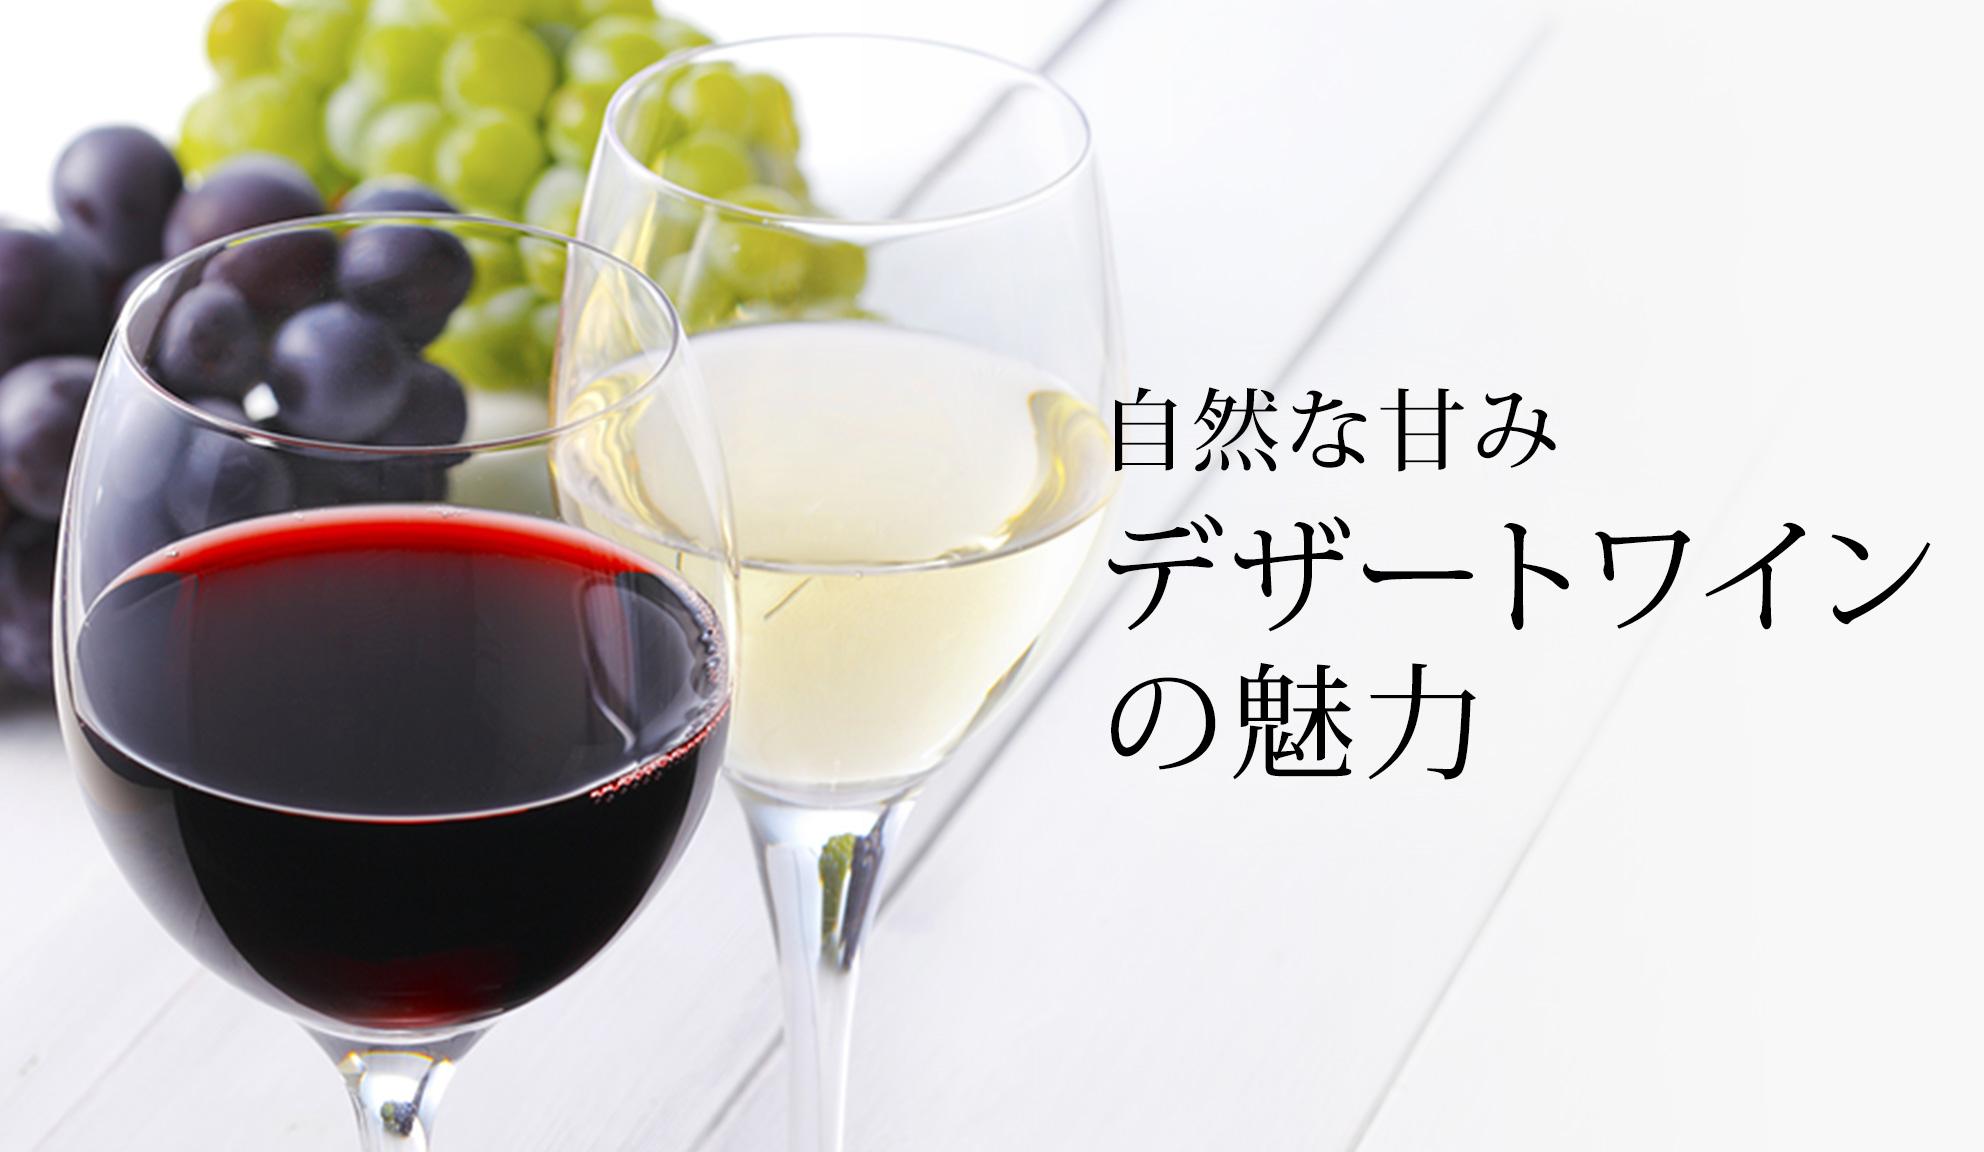 物語までおいしい上質ワイン